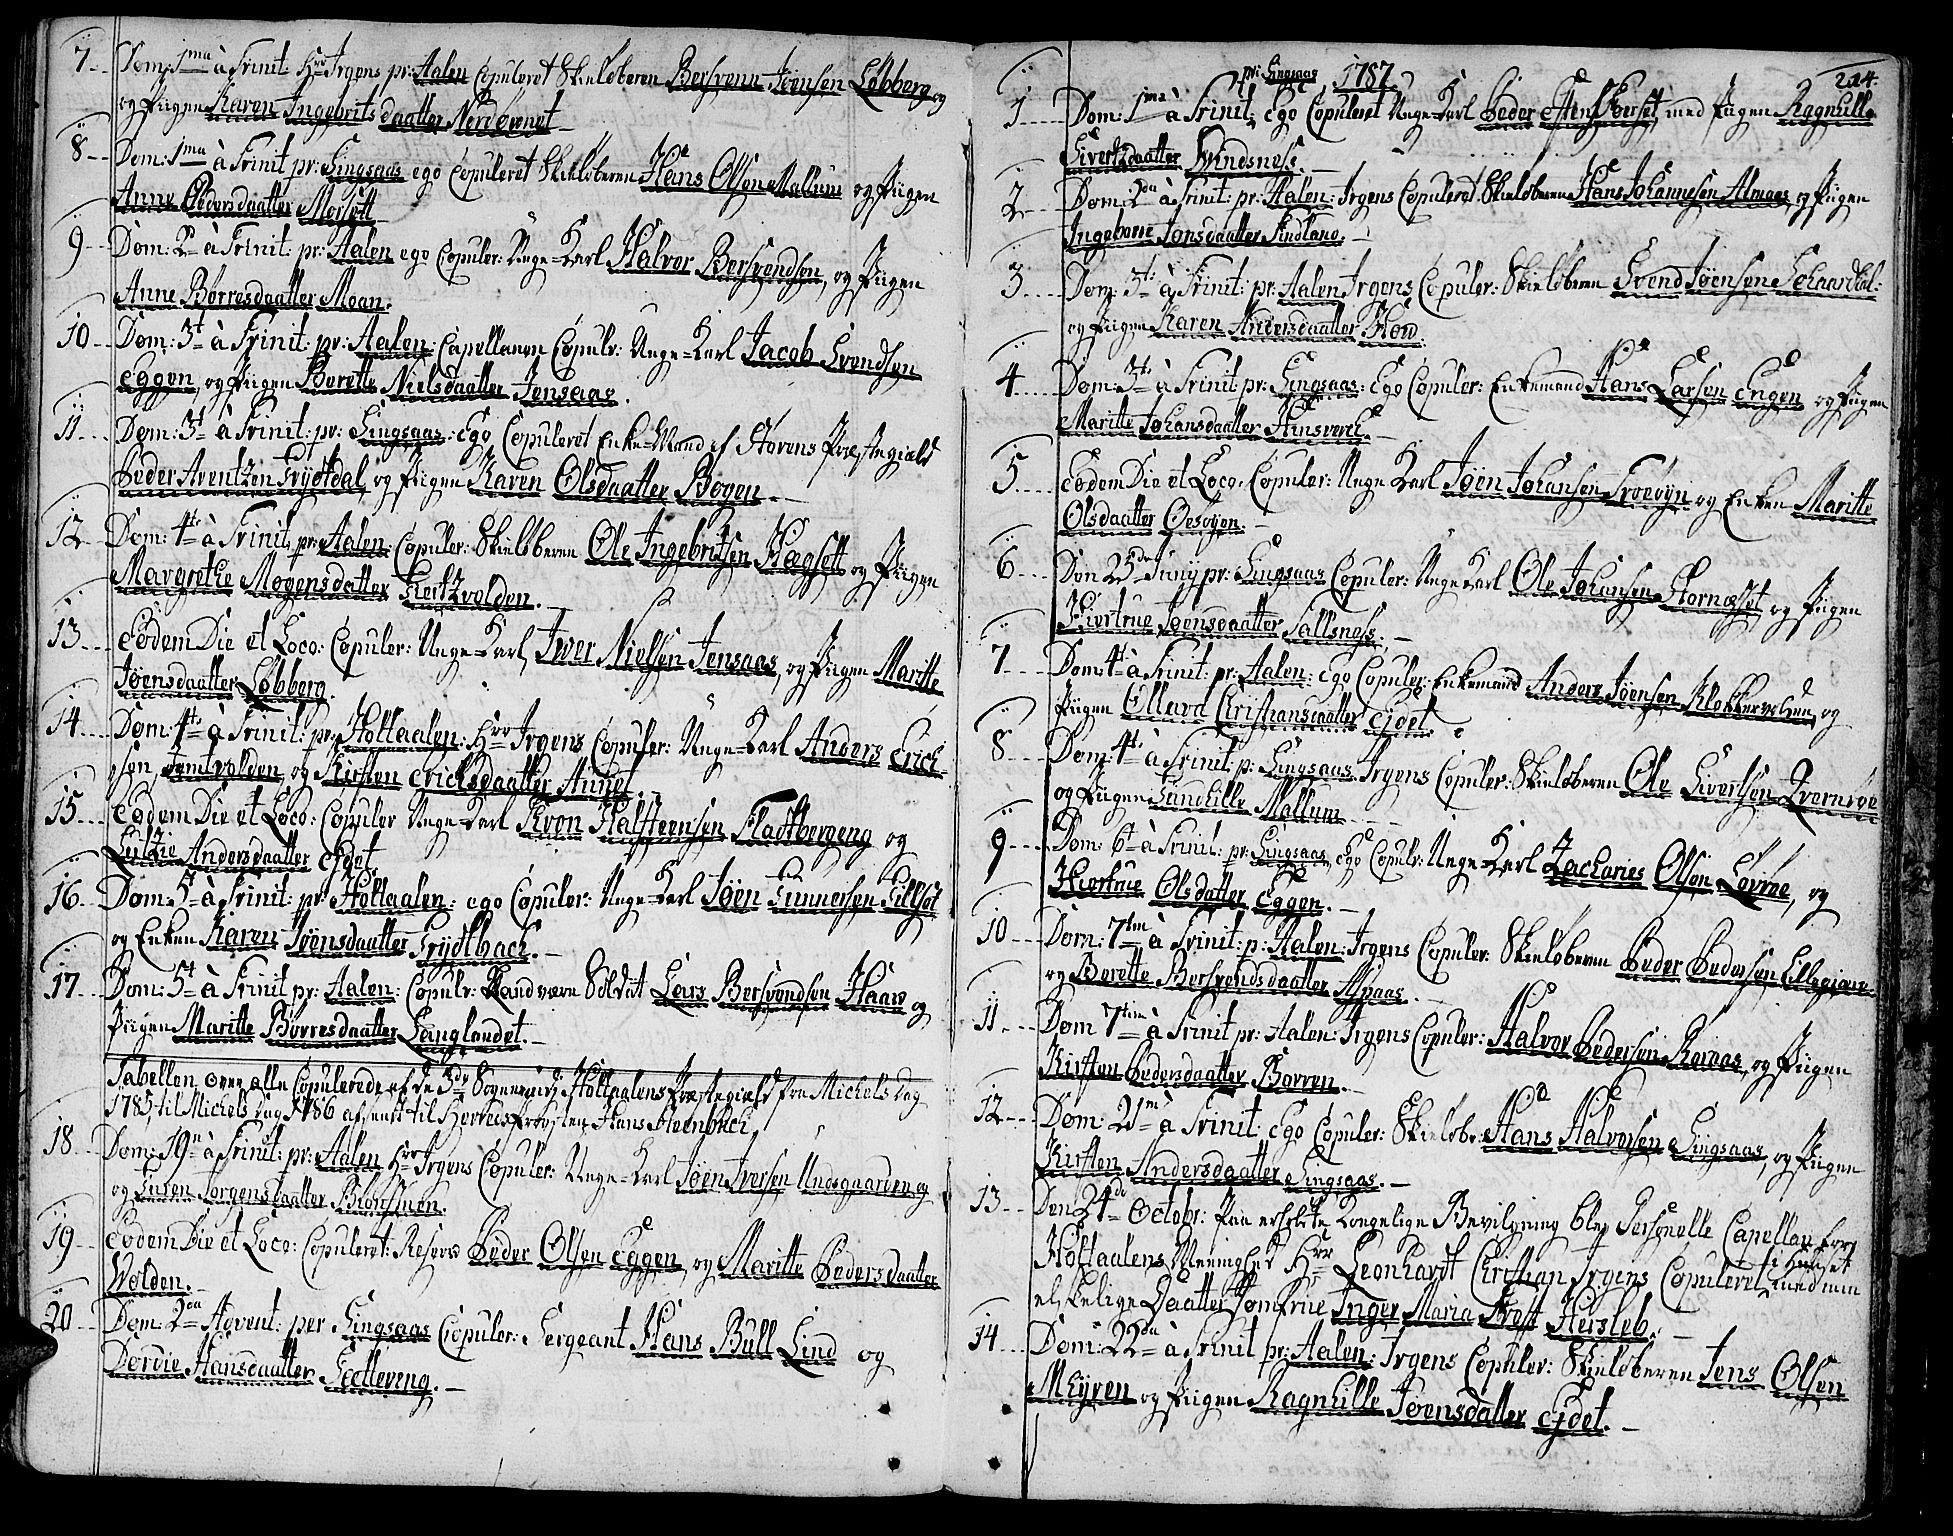 SAT, Ministerialprotokoller, klokkerbøker og fødselsregistre - Sør-Trøndelag, 685/L0952: Ministerialbok nr. 685A01, 1745-1804, s. 214